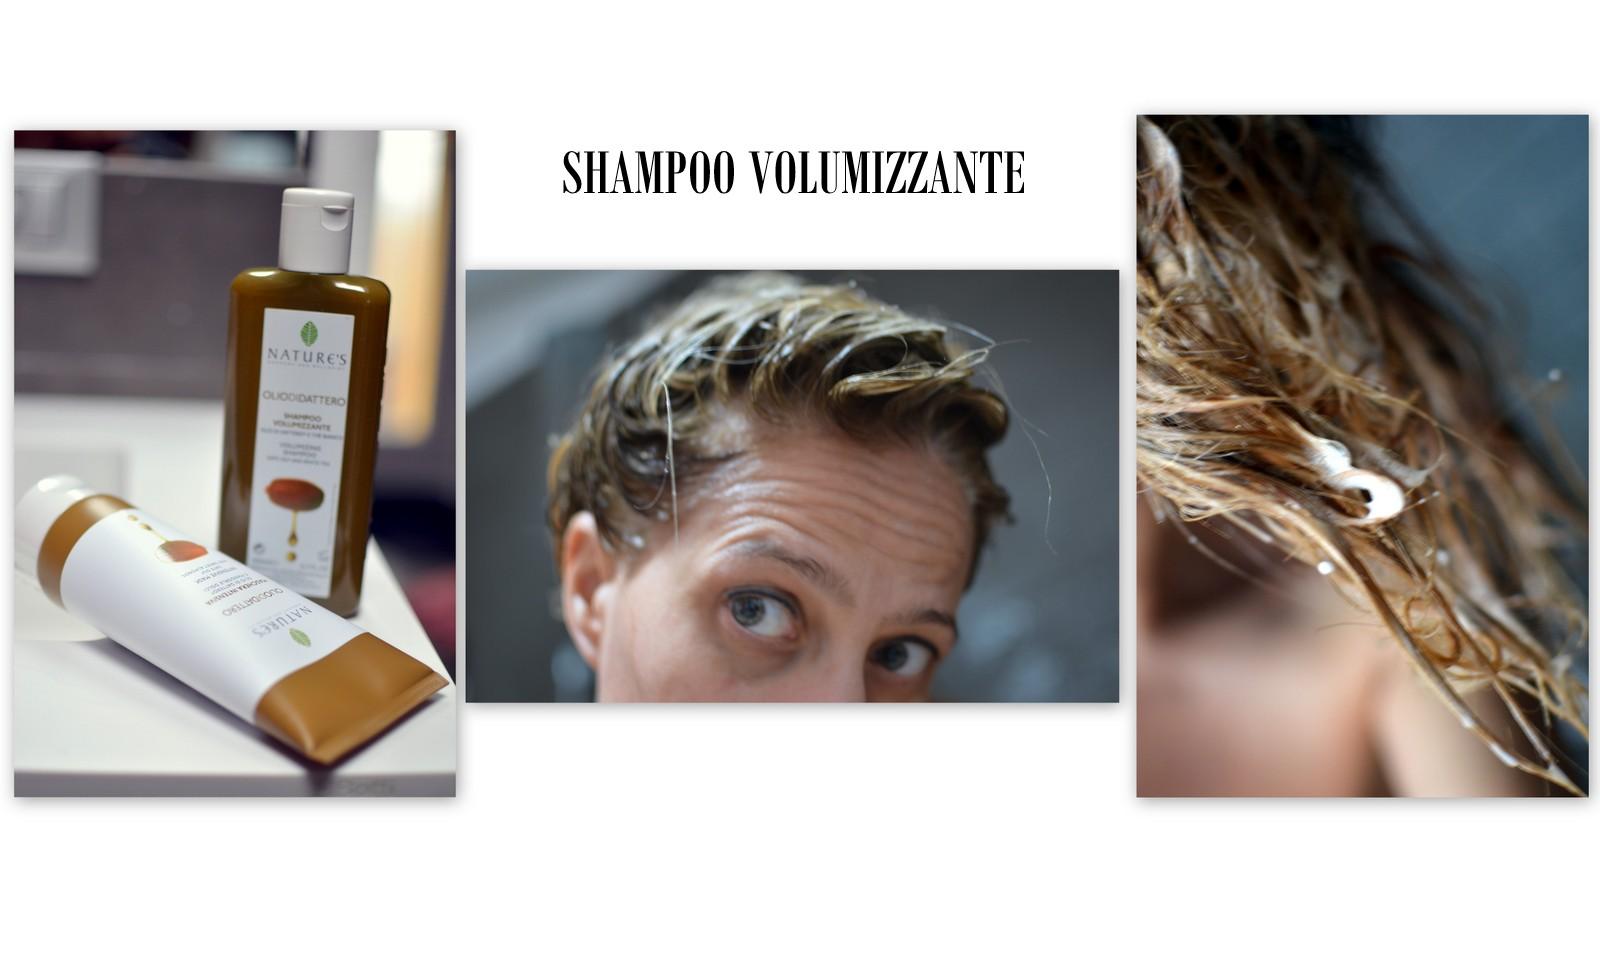 oliodidateroshampooe maschera e olio (1)